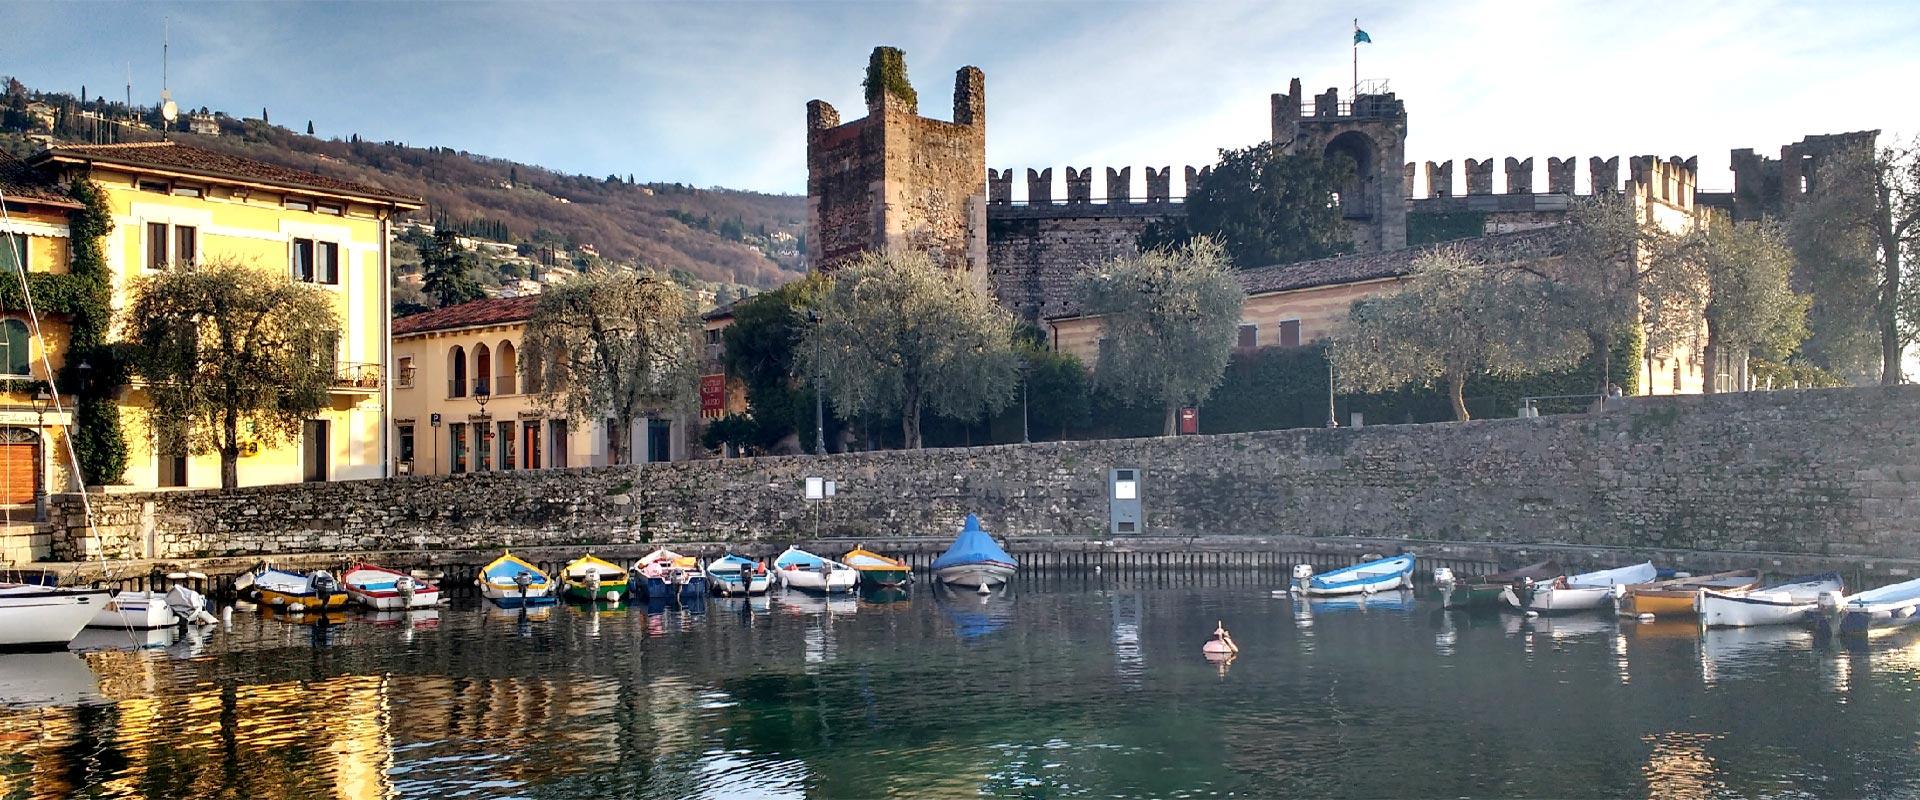 Torri del Benaco am Gardasee